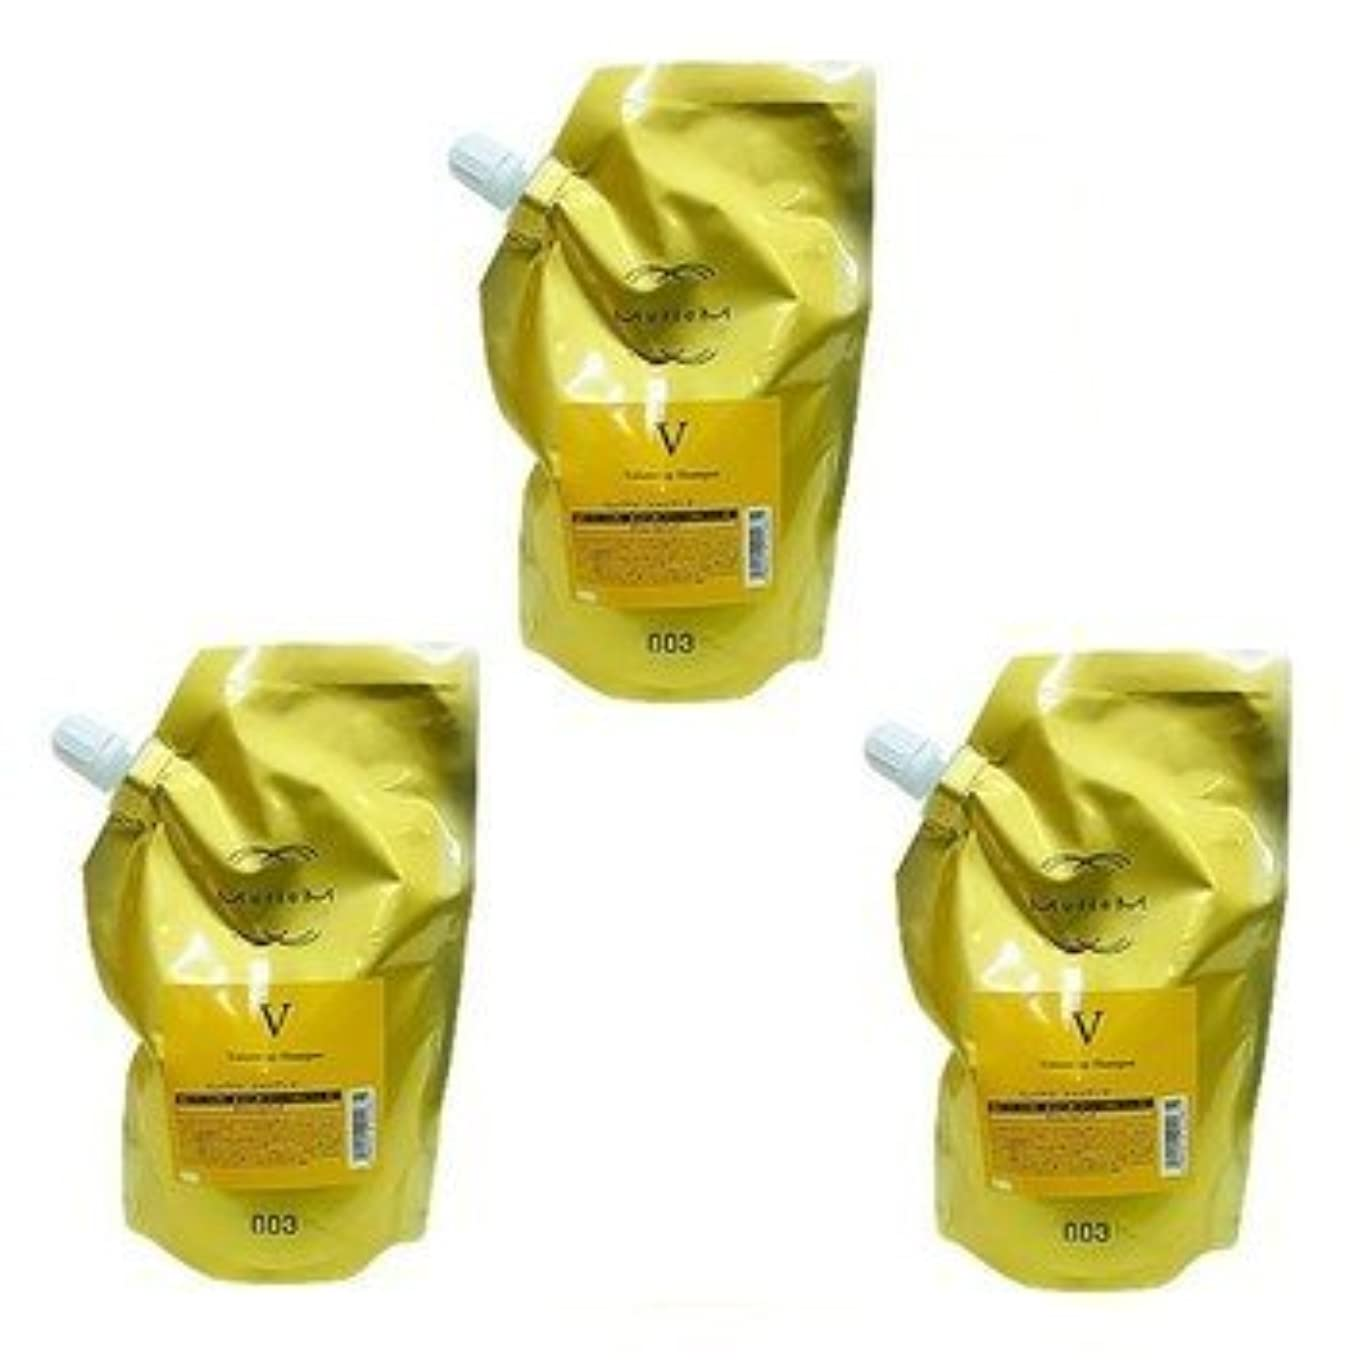 うねる周囲神経障害【X3個セット】 ナンバースリー ミュリアム ゴールド シャンプー V 500ml 詰替え用